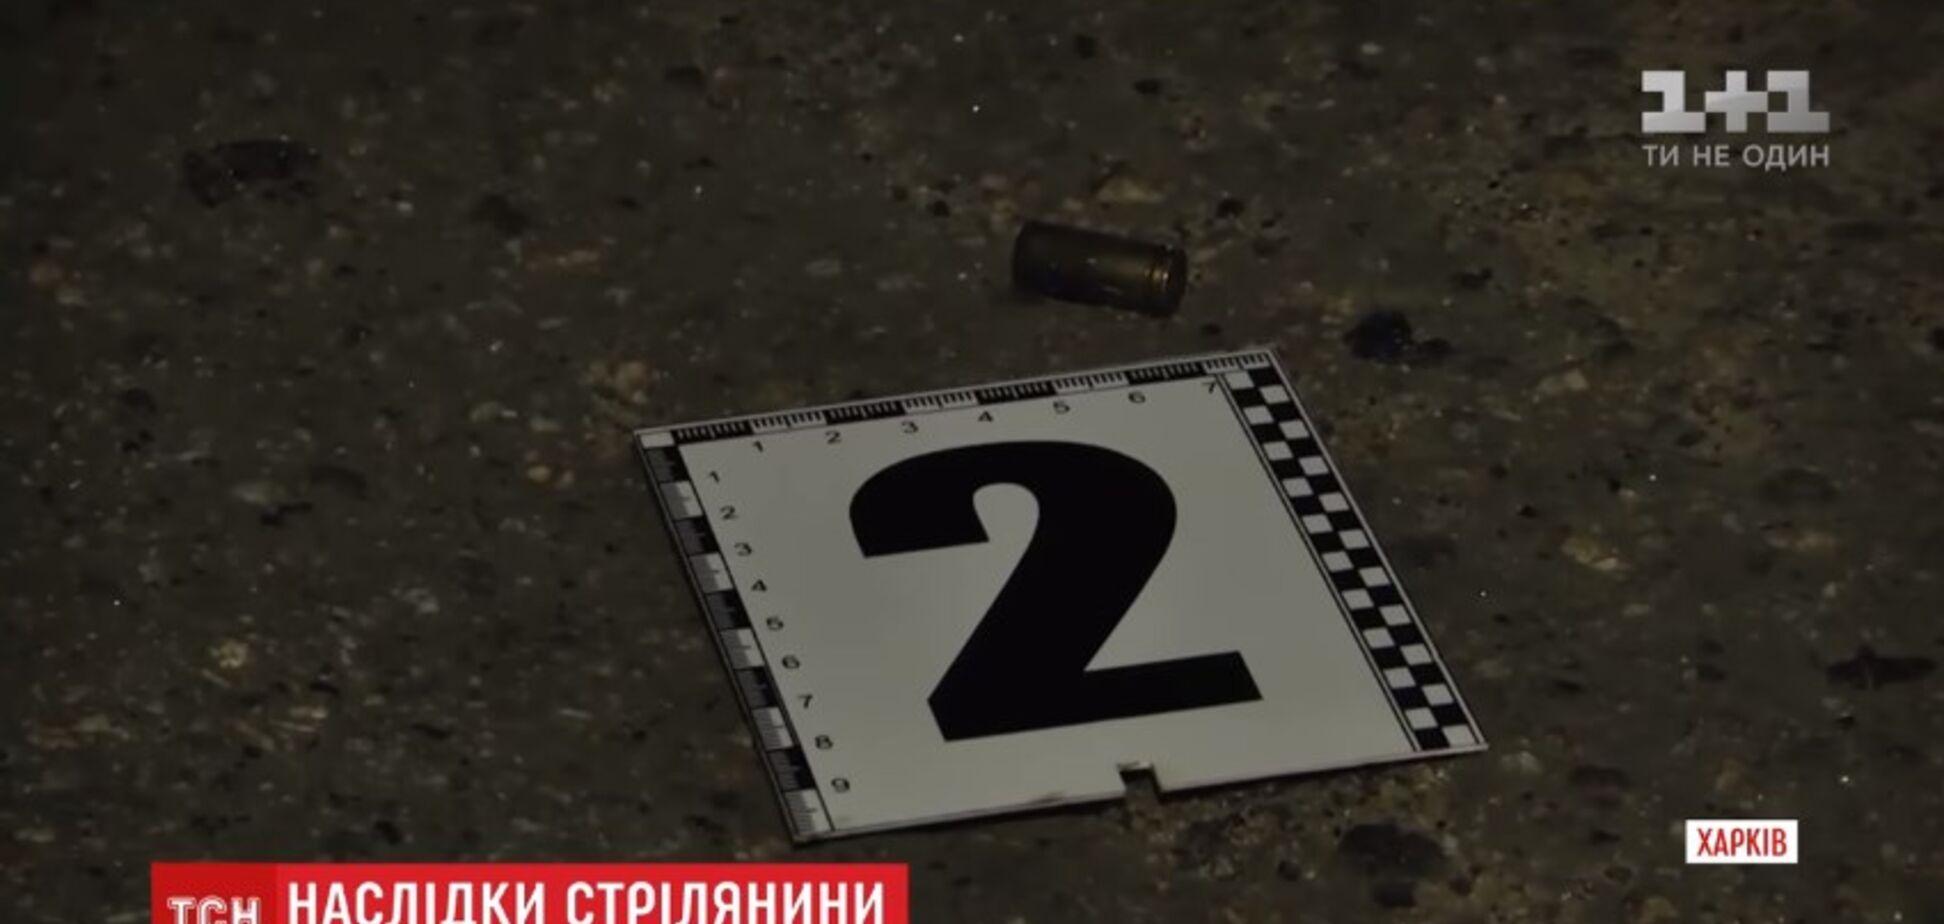 Конфликт со стрельбой в Харькове: стали известны новые подробности